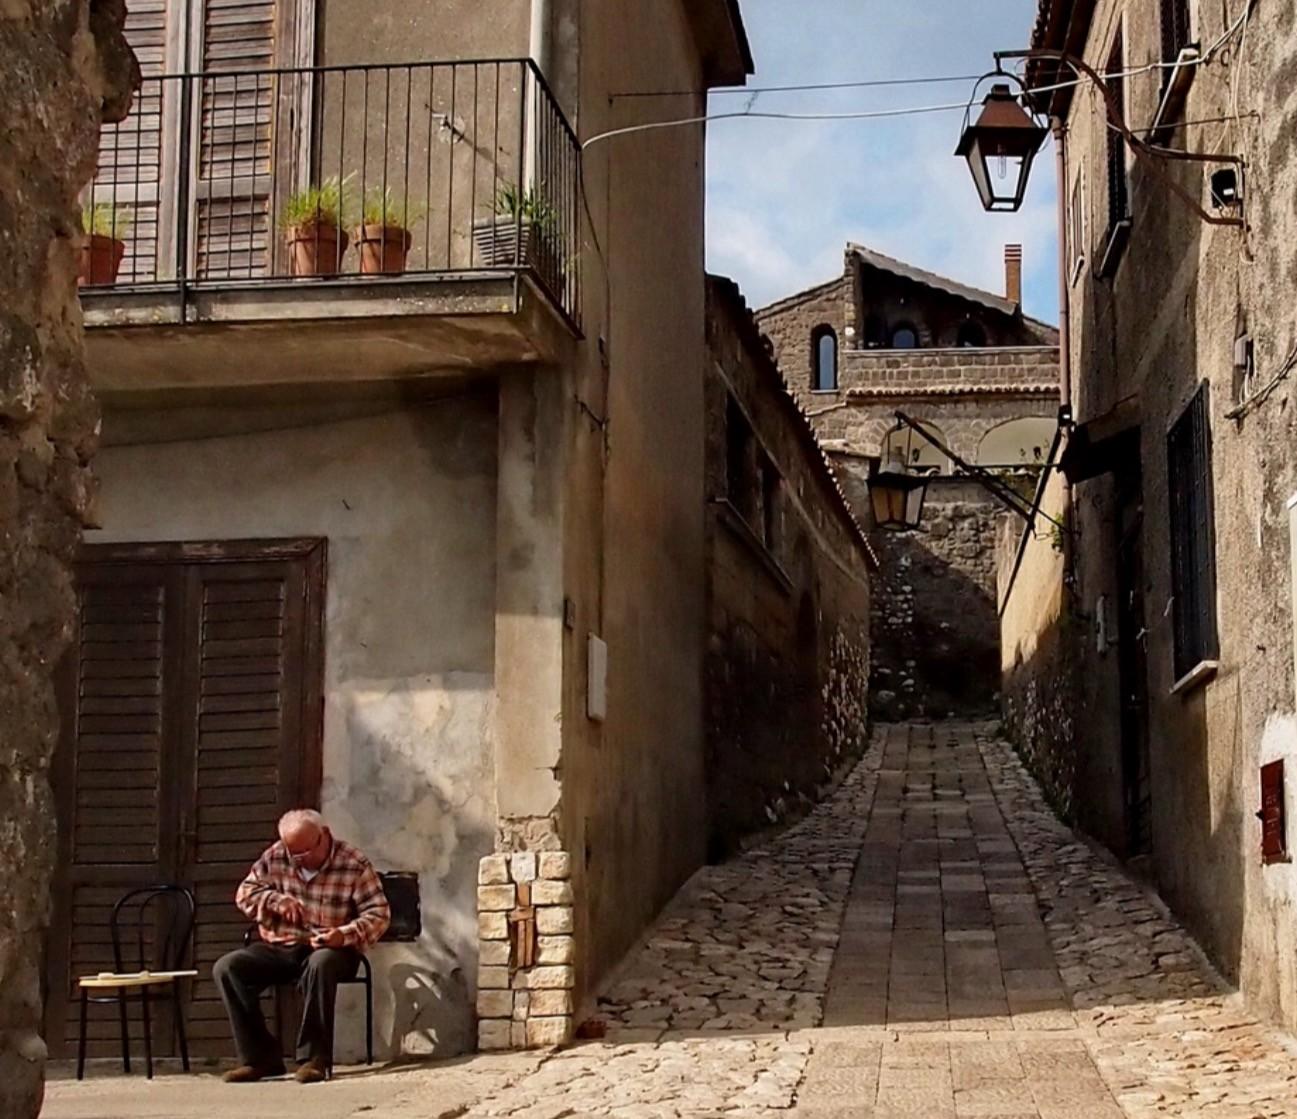 【イタリア】ナポリを見渡す中世の町『カゼルタヴェッキア』絶景スポット